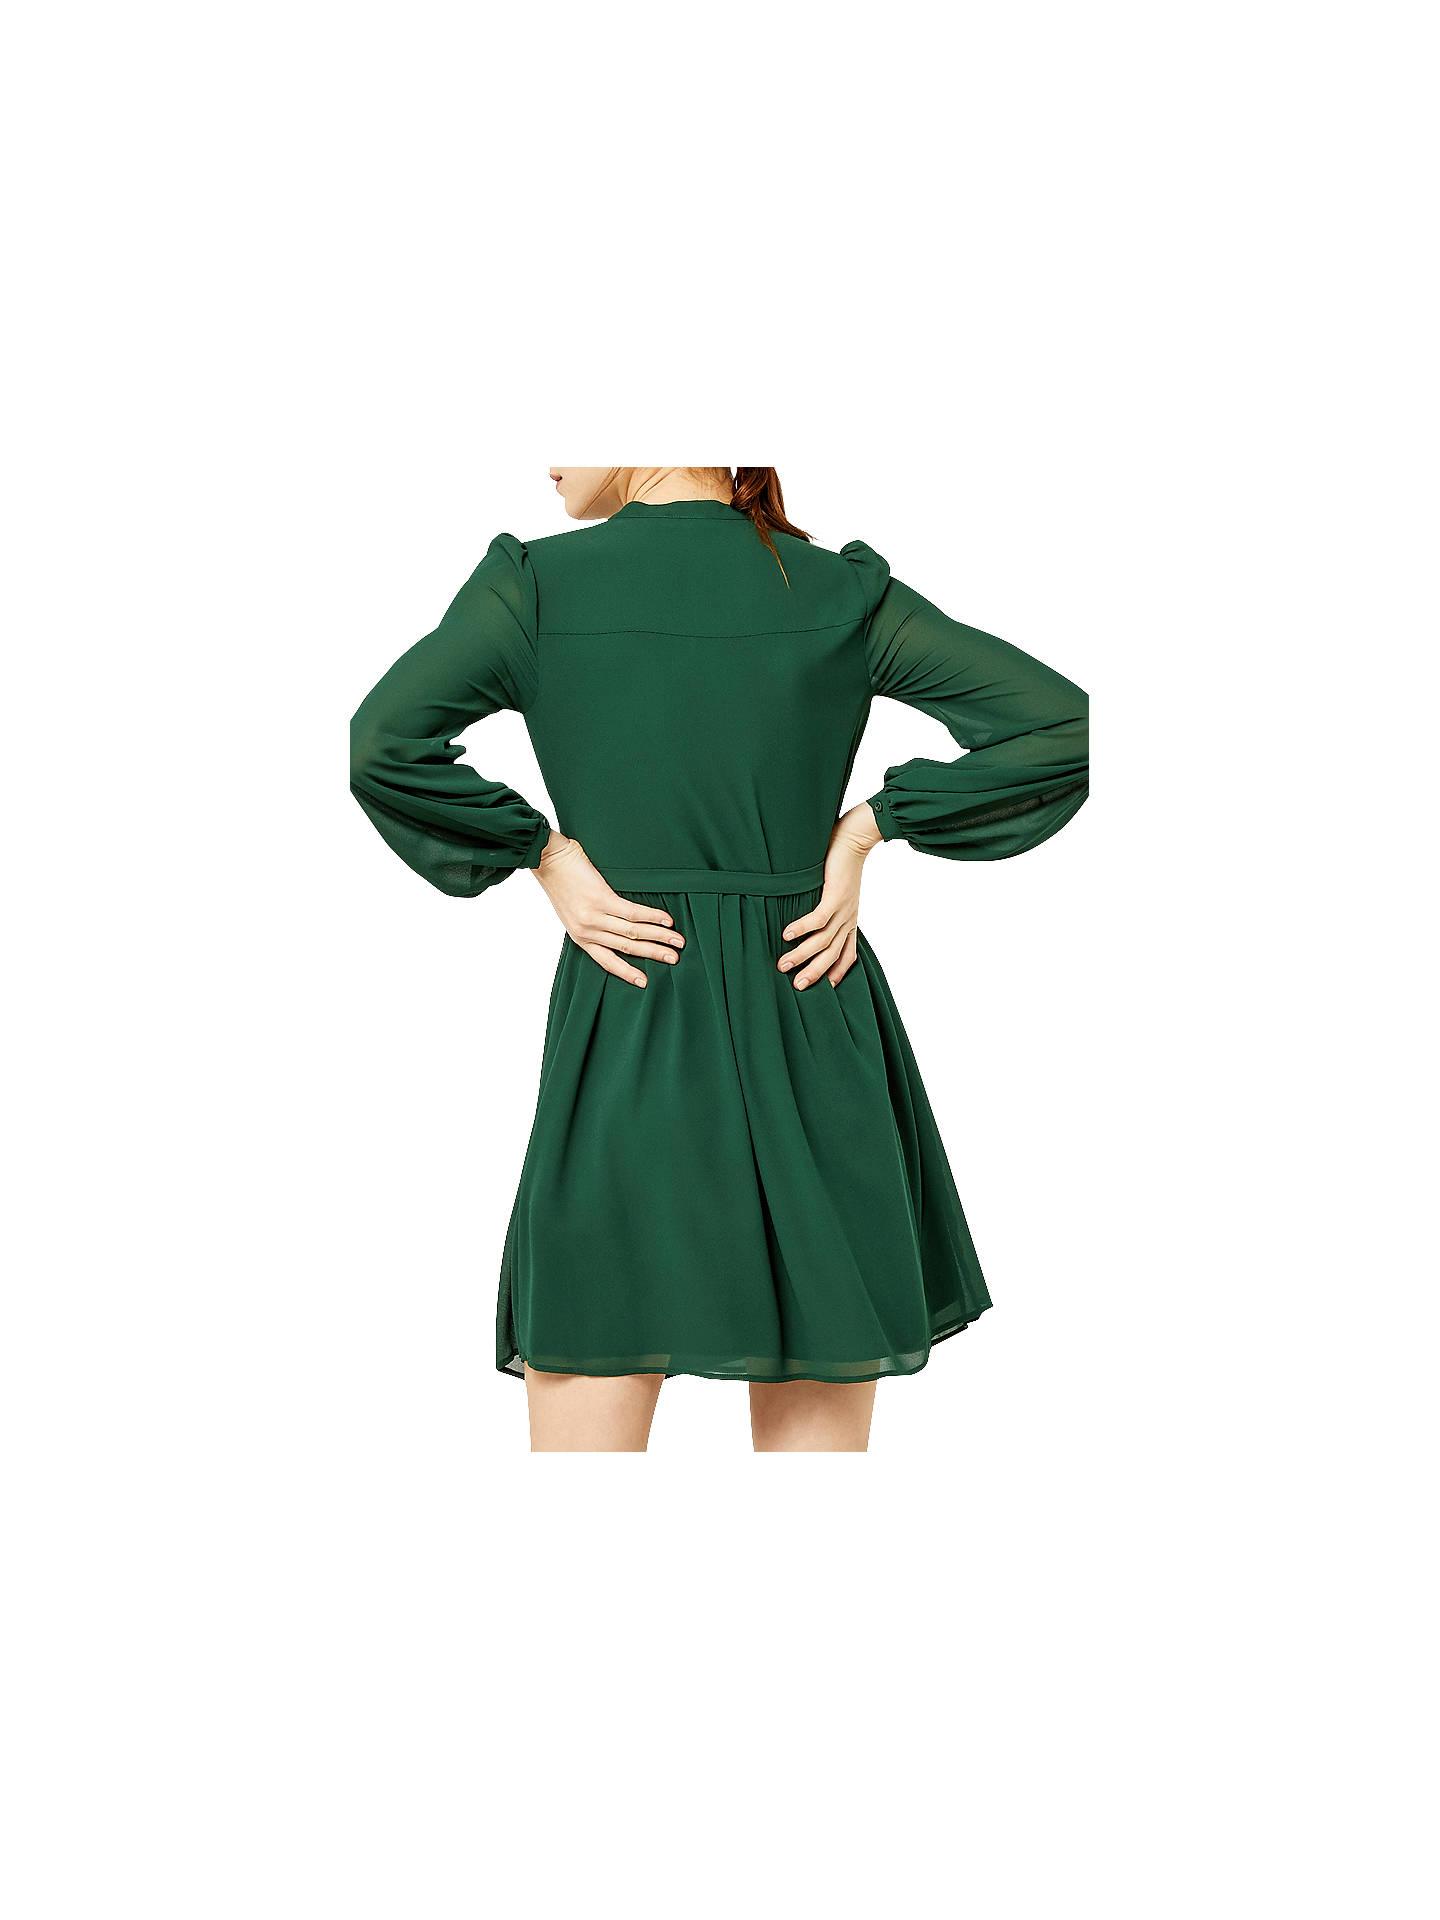 c1cf3a3d4b5a ... Buy Warehouse Chiffon Shirt Dress, Dark Green, 6 Online at  johnlewis.com ...